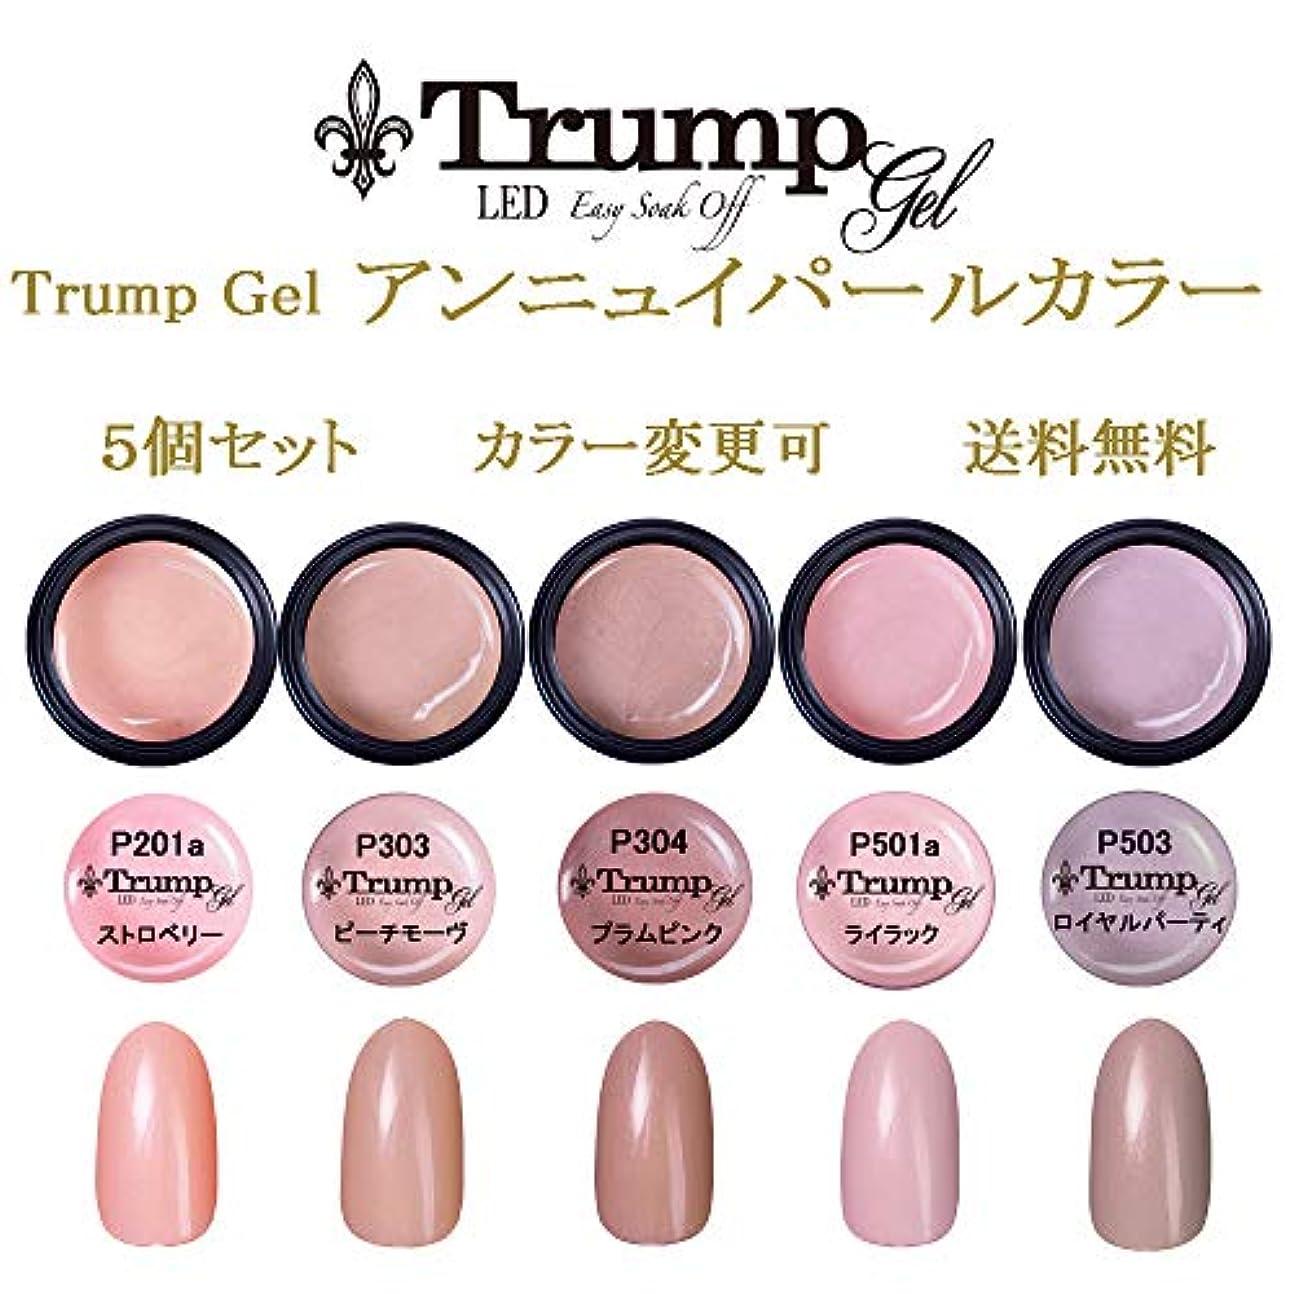 含む建物凝縮する日本製 Trump gel トランプジェル アンニュイ パール 選べる カラージェル 5個セット ピンク ベージュ パープル